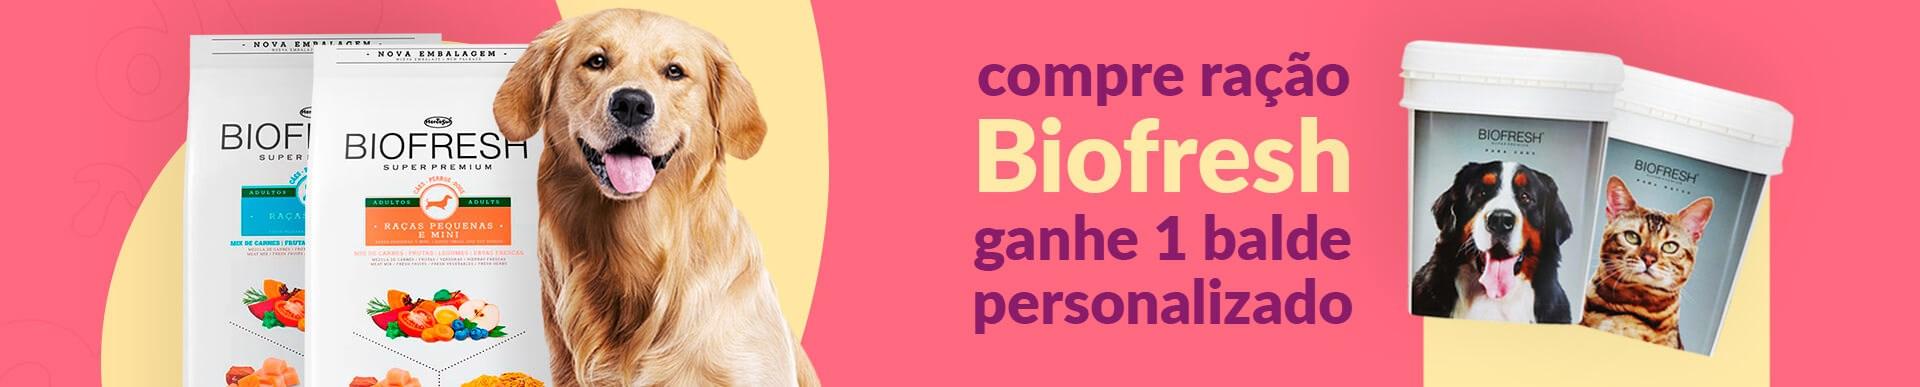 [Categoria] Compre ração Biofresh e ganhe balde exclusivo